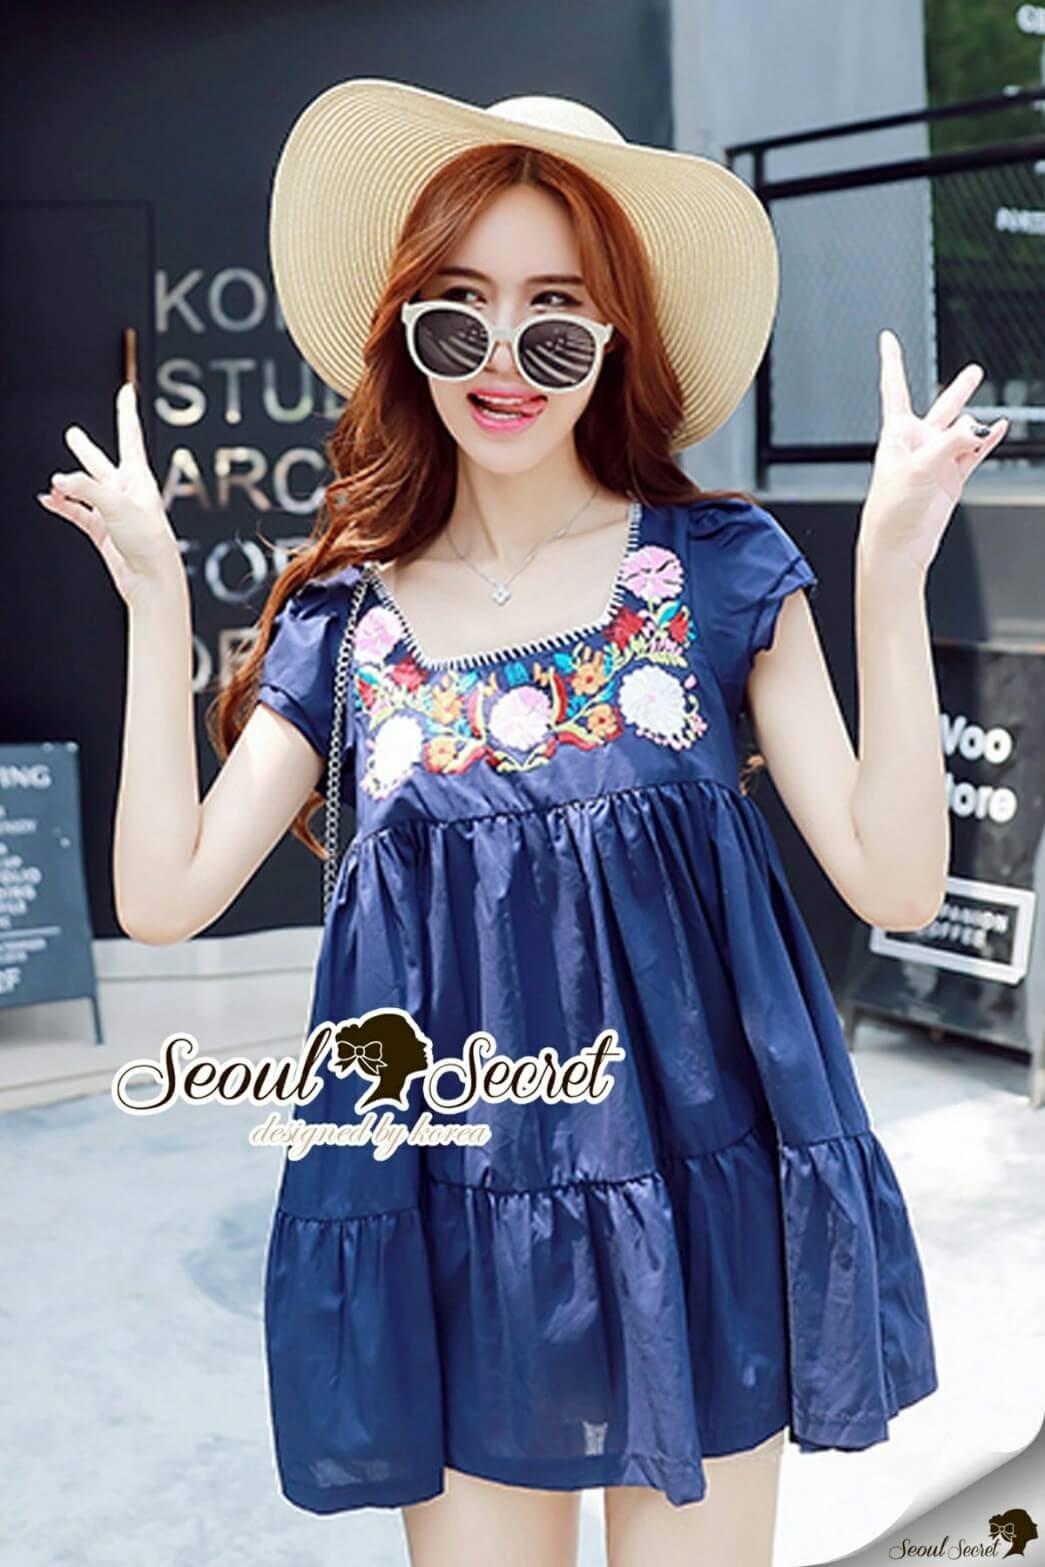 Seoul Secret Say's ....Bohe Lady Stickly Dress Material : สวยหวาน่ารักๆ สไตล์สาวเกาหลี ด้วยเสื้อตัวยาวทรงคอเหลี่ยม เนื้อผ้าคอตตอน มีดีเทลน่ารักๆ สวยๆ ด้วยงานปักแต่งประดับเป็นลายดอกไม้สไตล์าวโบฮีเมียนแต่งที่ช่วงอก ใส่ง่ายแมตซ์ง่าย ใส่กับอะไรก็ดูน่ารัก